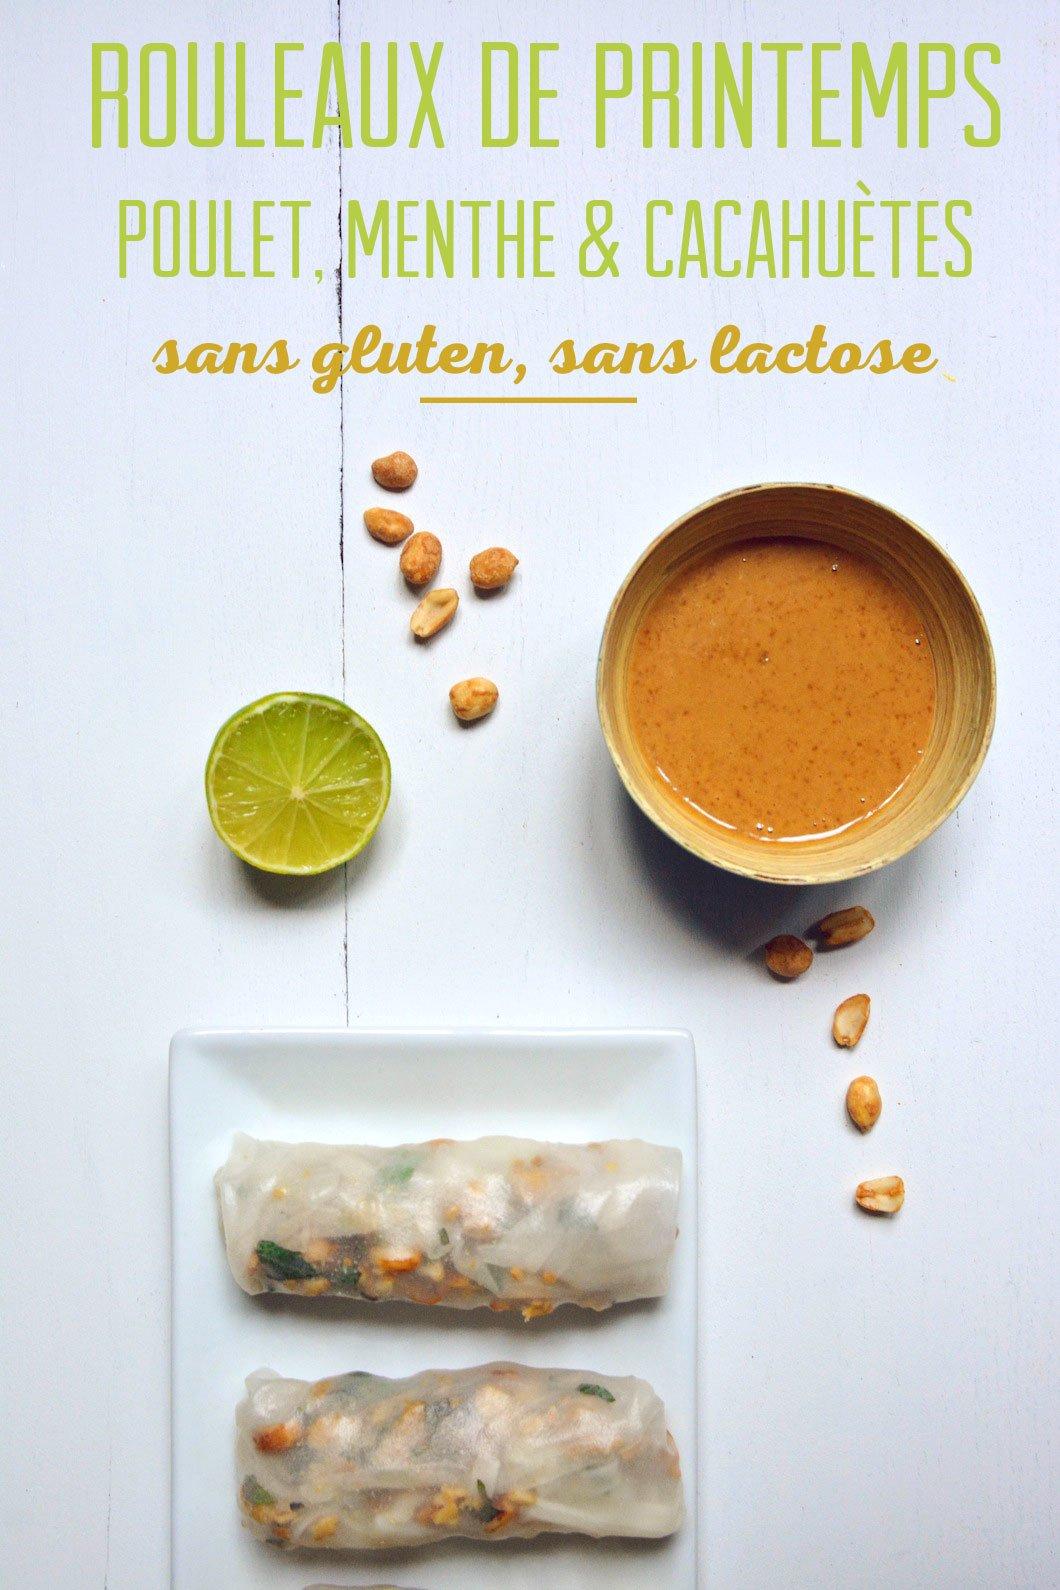 Rouleaux de printemps au poulet, menthe, citron vert et cacahuètes, sans gluten et sans lactose - 22 v'la Scarlett